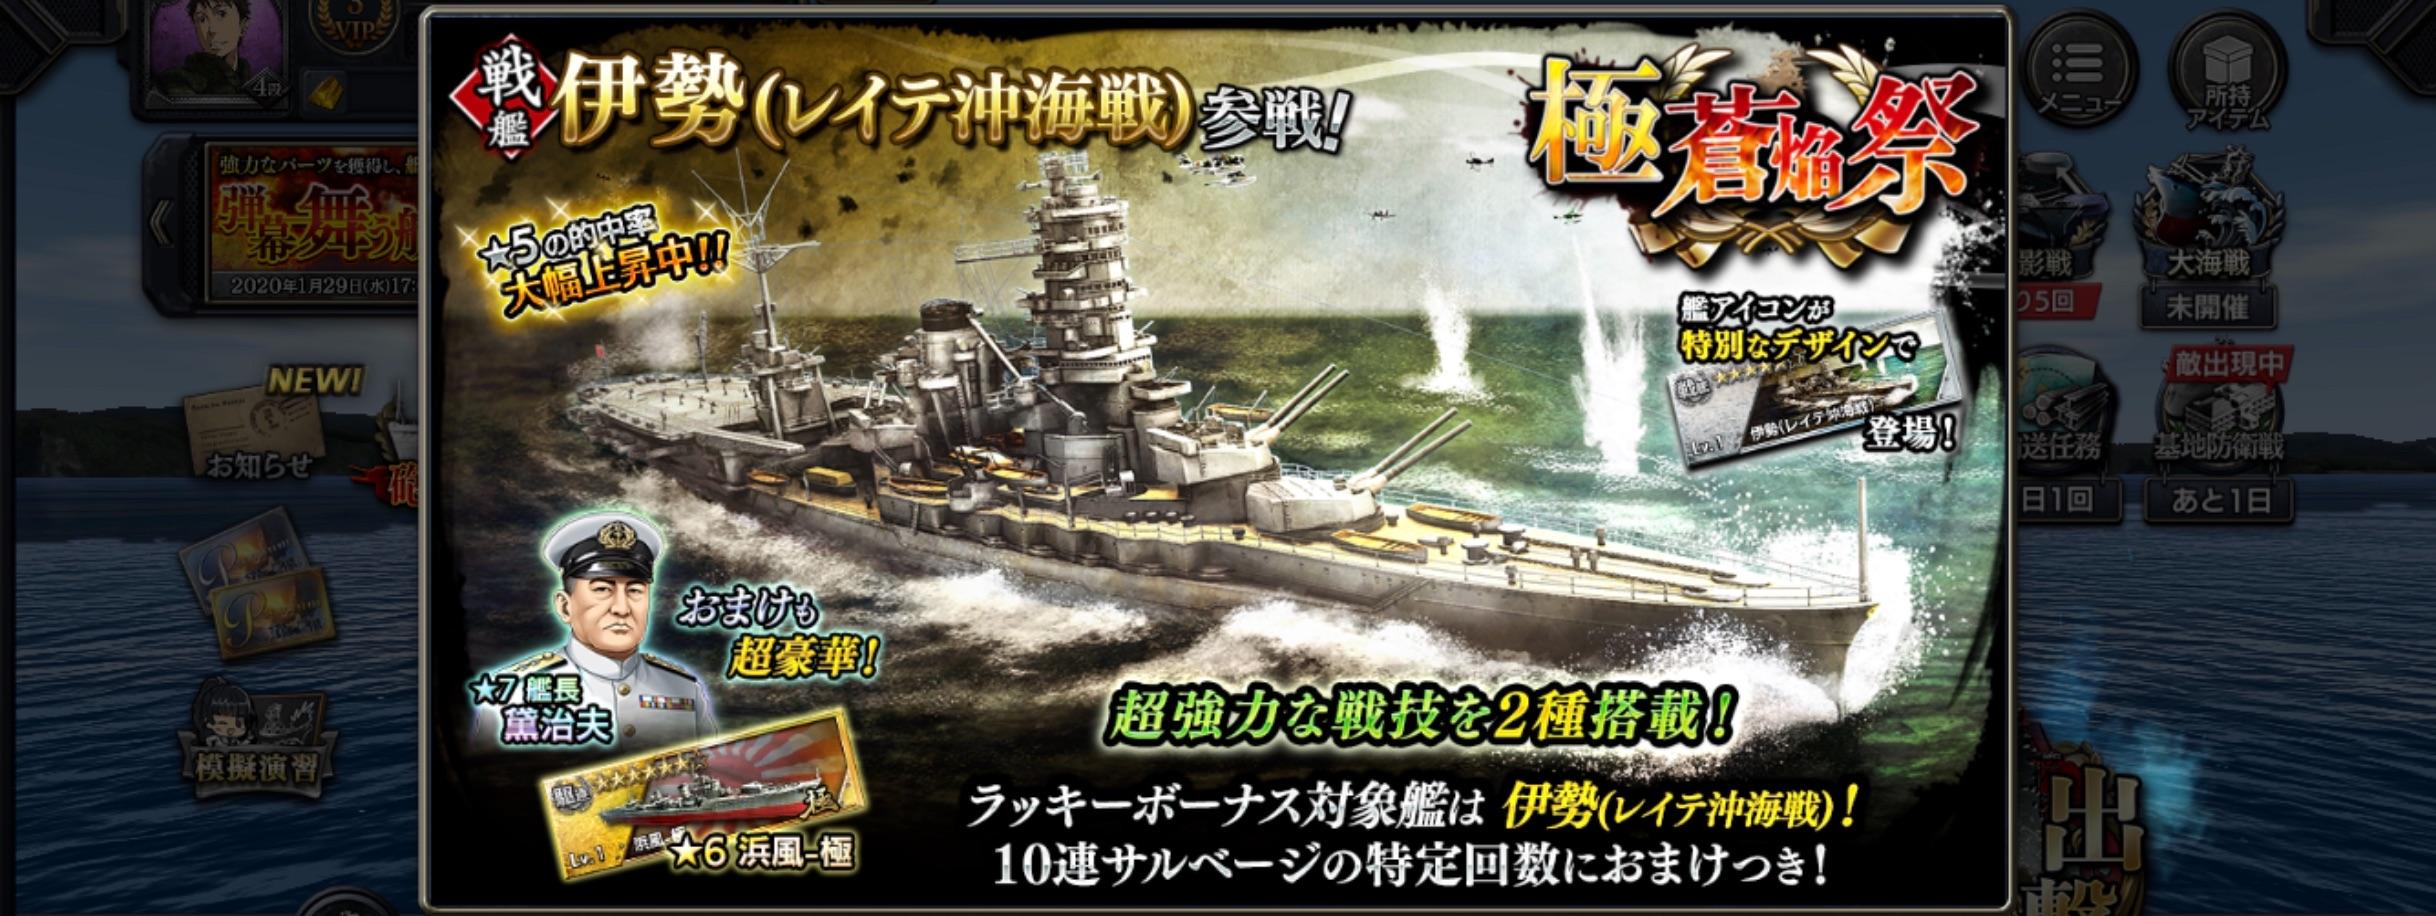 battleship-ise